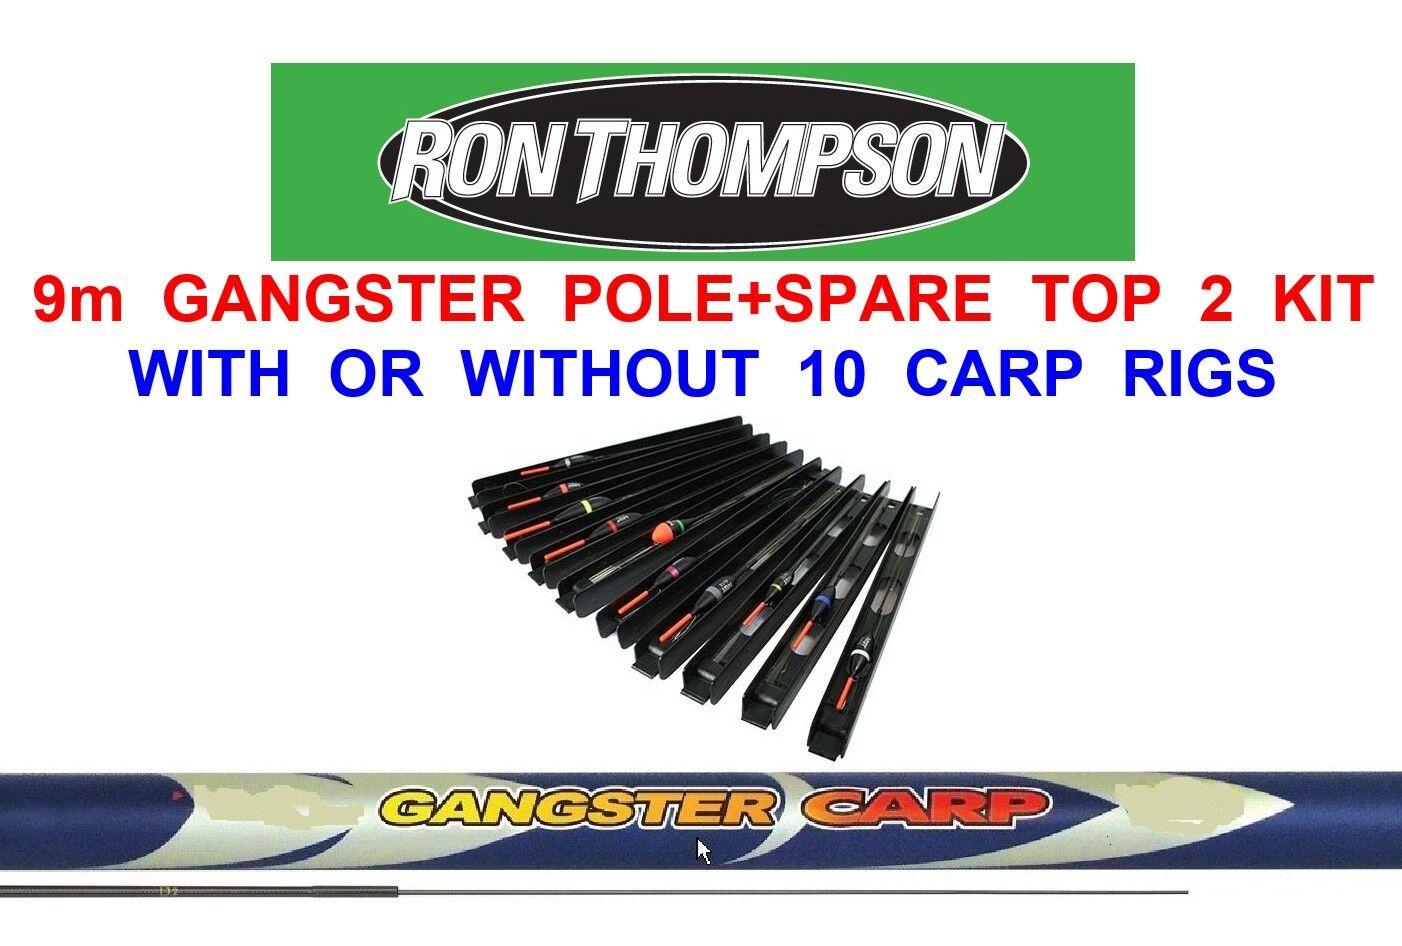 RON THOMSON 9m CARBON GANGSTER POLEN SPARE TOP 2 KIT CHOOSE 10 POLE RIGS OPTION